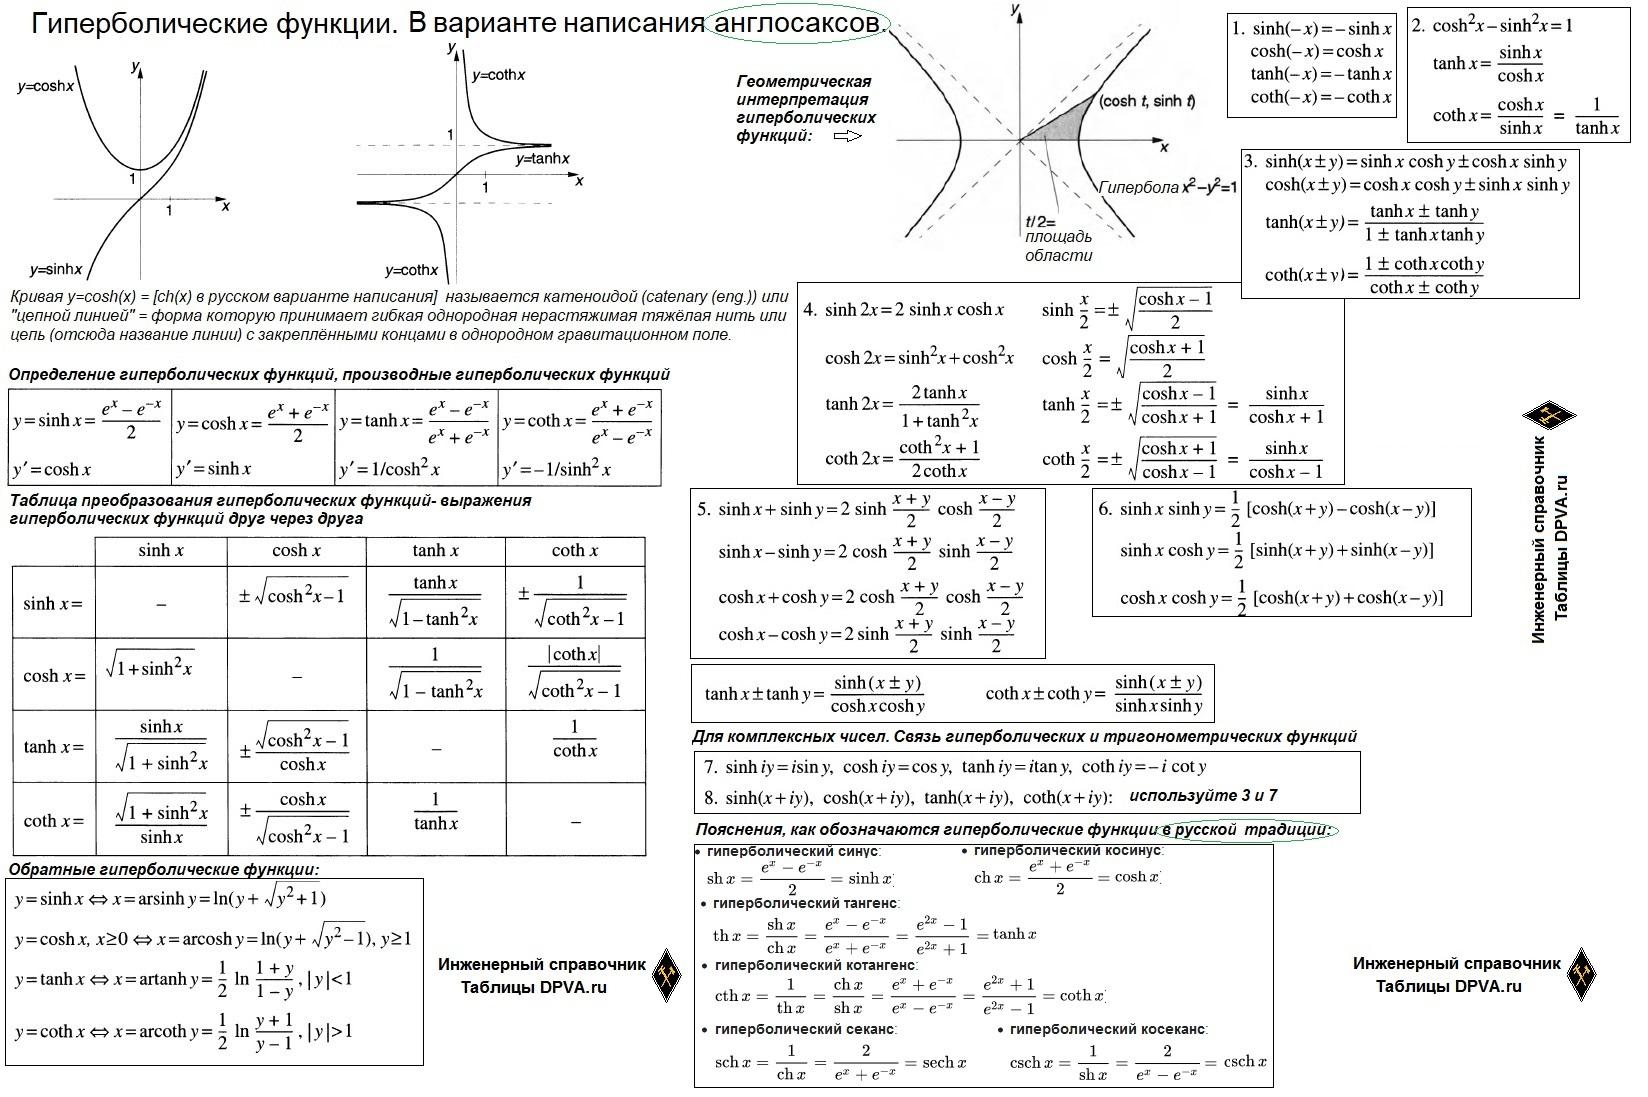 Гиперболические функции, Определение, производные гиперболических функций Sinh(х)=Sh(х); Cosh(х)=Ch(х); Tanh(х)=Th(х); Coth(х)=Cth(х); Sch(х)=Sech(х); Csch(х). Таблица преобразования - выражения гиперболических функций друг через друга, Связь гиперболических и тригонометрических функций, Обратные гиперболические функции      Гиперболические функции - определение, запись в англоязычной и русской традиции, Sinh(х)=Sh(х); Cosh(х)=Ch(х); Tanh(х)=Th(х); Coth(х)=Cth(х); Sch(х)=Sech(х); Csch(х) - гиперболический синус, гиперболический косинус, гиперболический тангенс, гиперболический котангенс, гиперболический секанс, гиперболический косеканс, гиперболические арксинус, арккосинус, арктангенс и арккотангенс.     Производные гиперболических функций, геометрическая интерпретация гиперболических функций     Гиперболические формулы преобразований и таблица преобразований гиперболических функций     Связь гиперболических и тригонометрических функций, обратные гиперболические функции